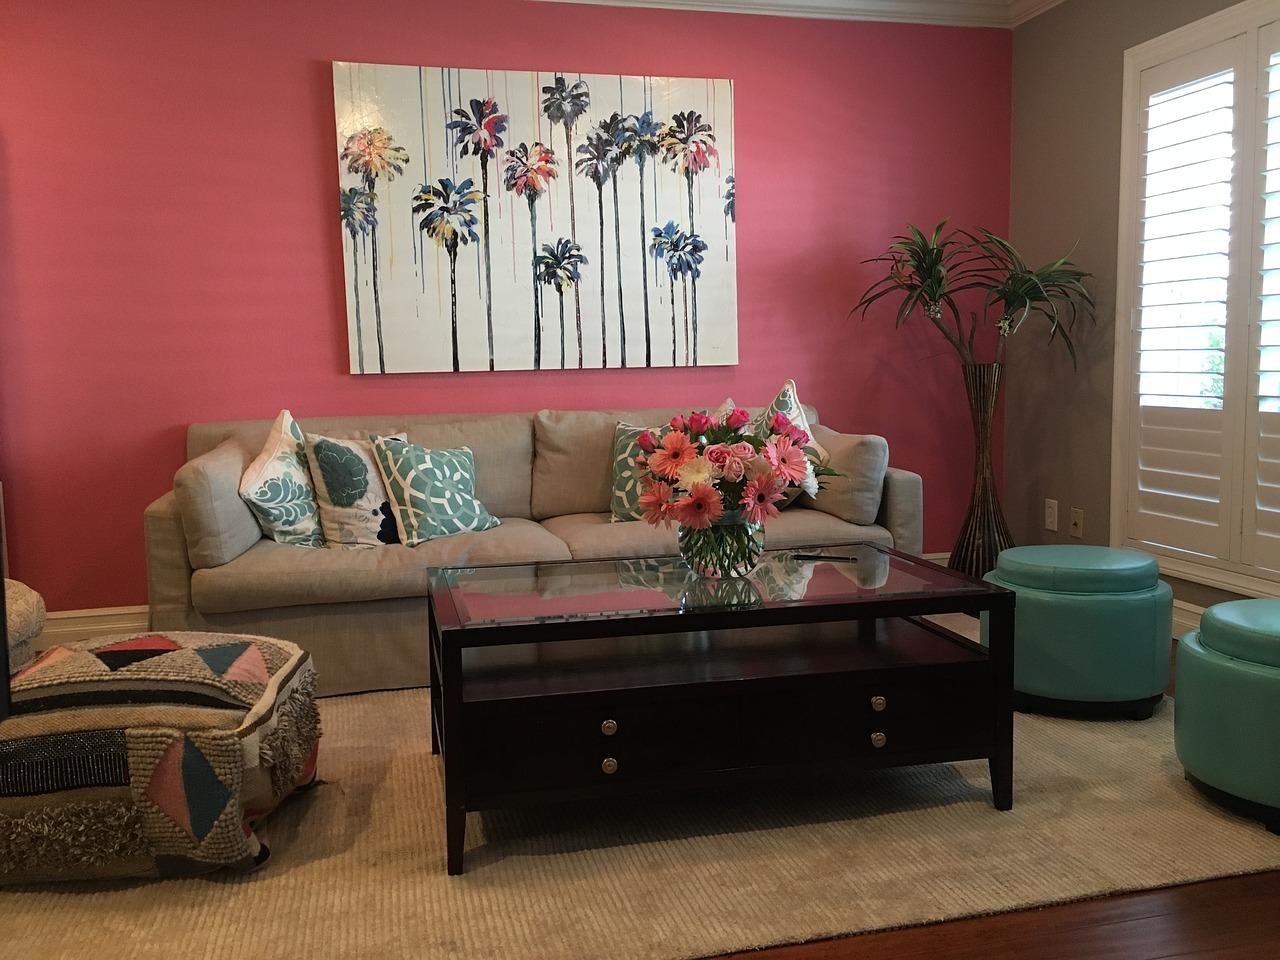 pink-wall-1786179_1280